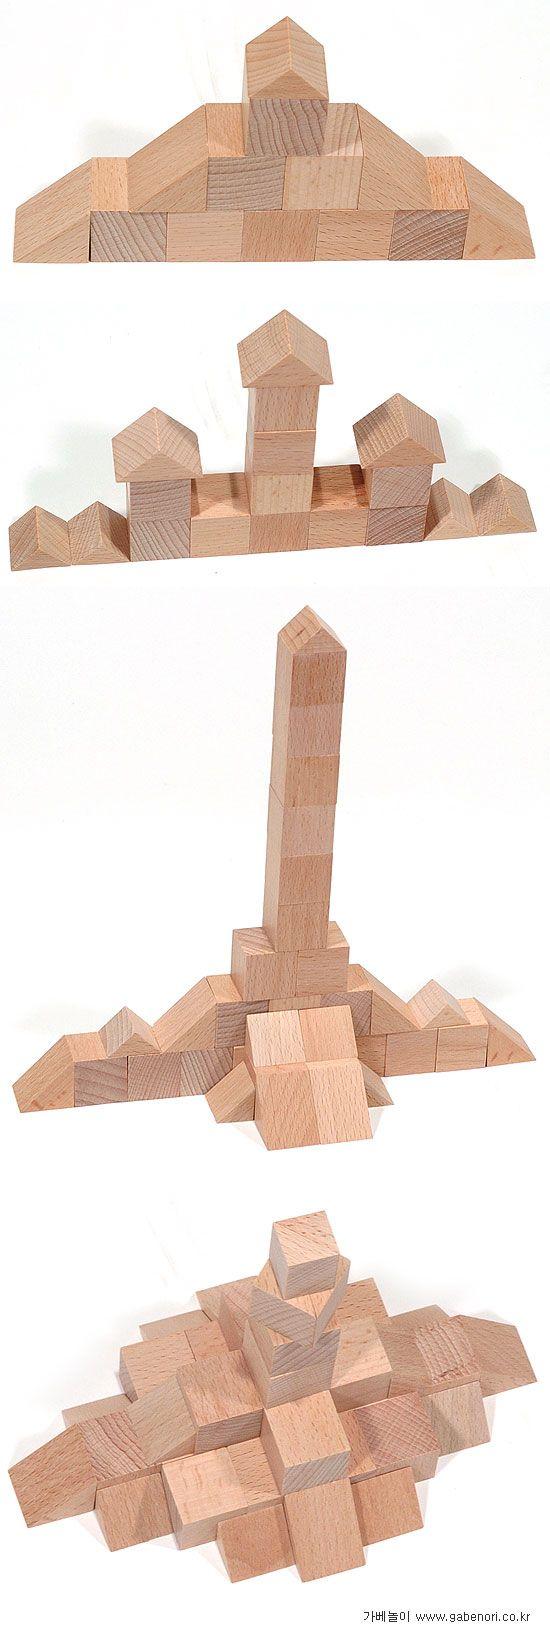 bouwkaart 1